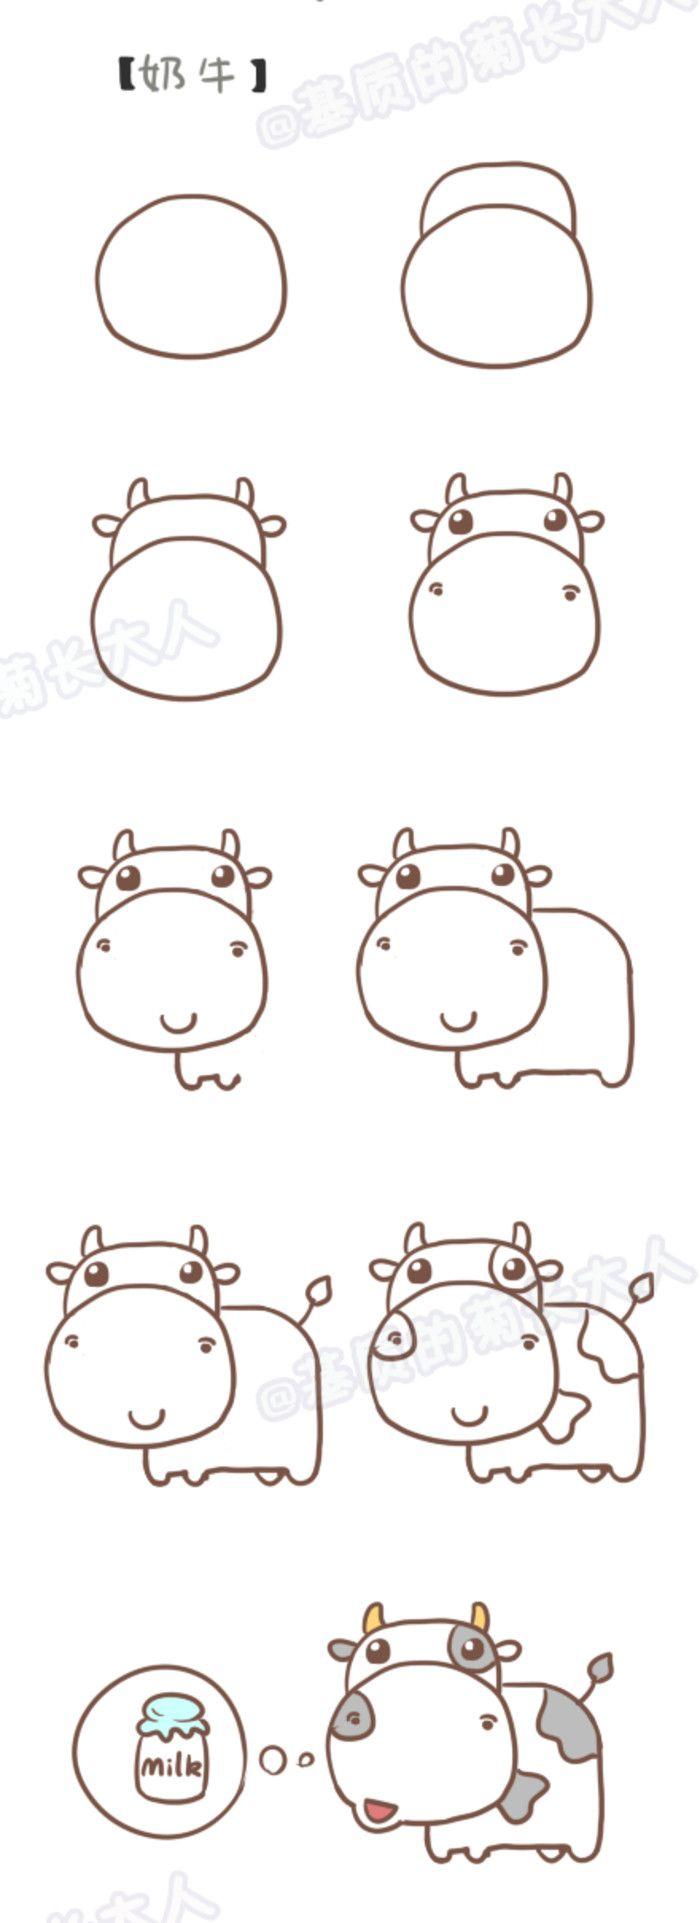 Dessin Vache Facile